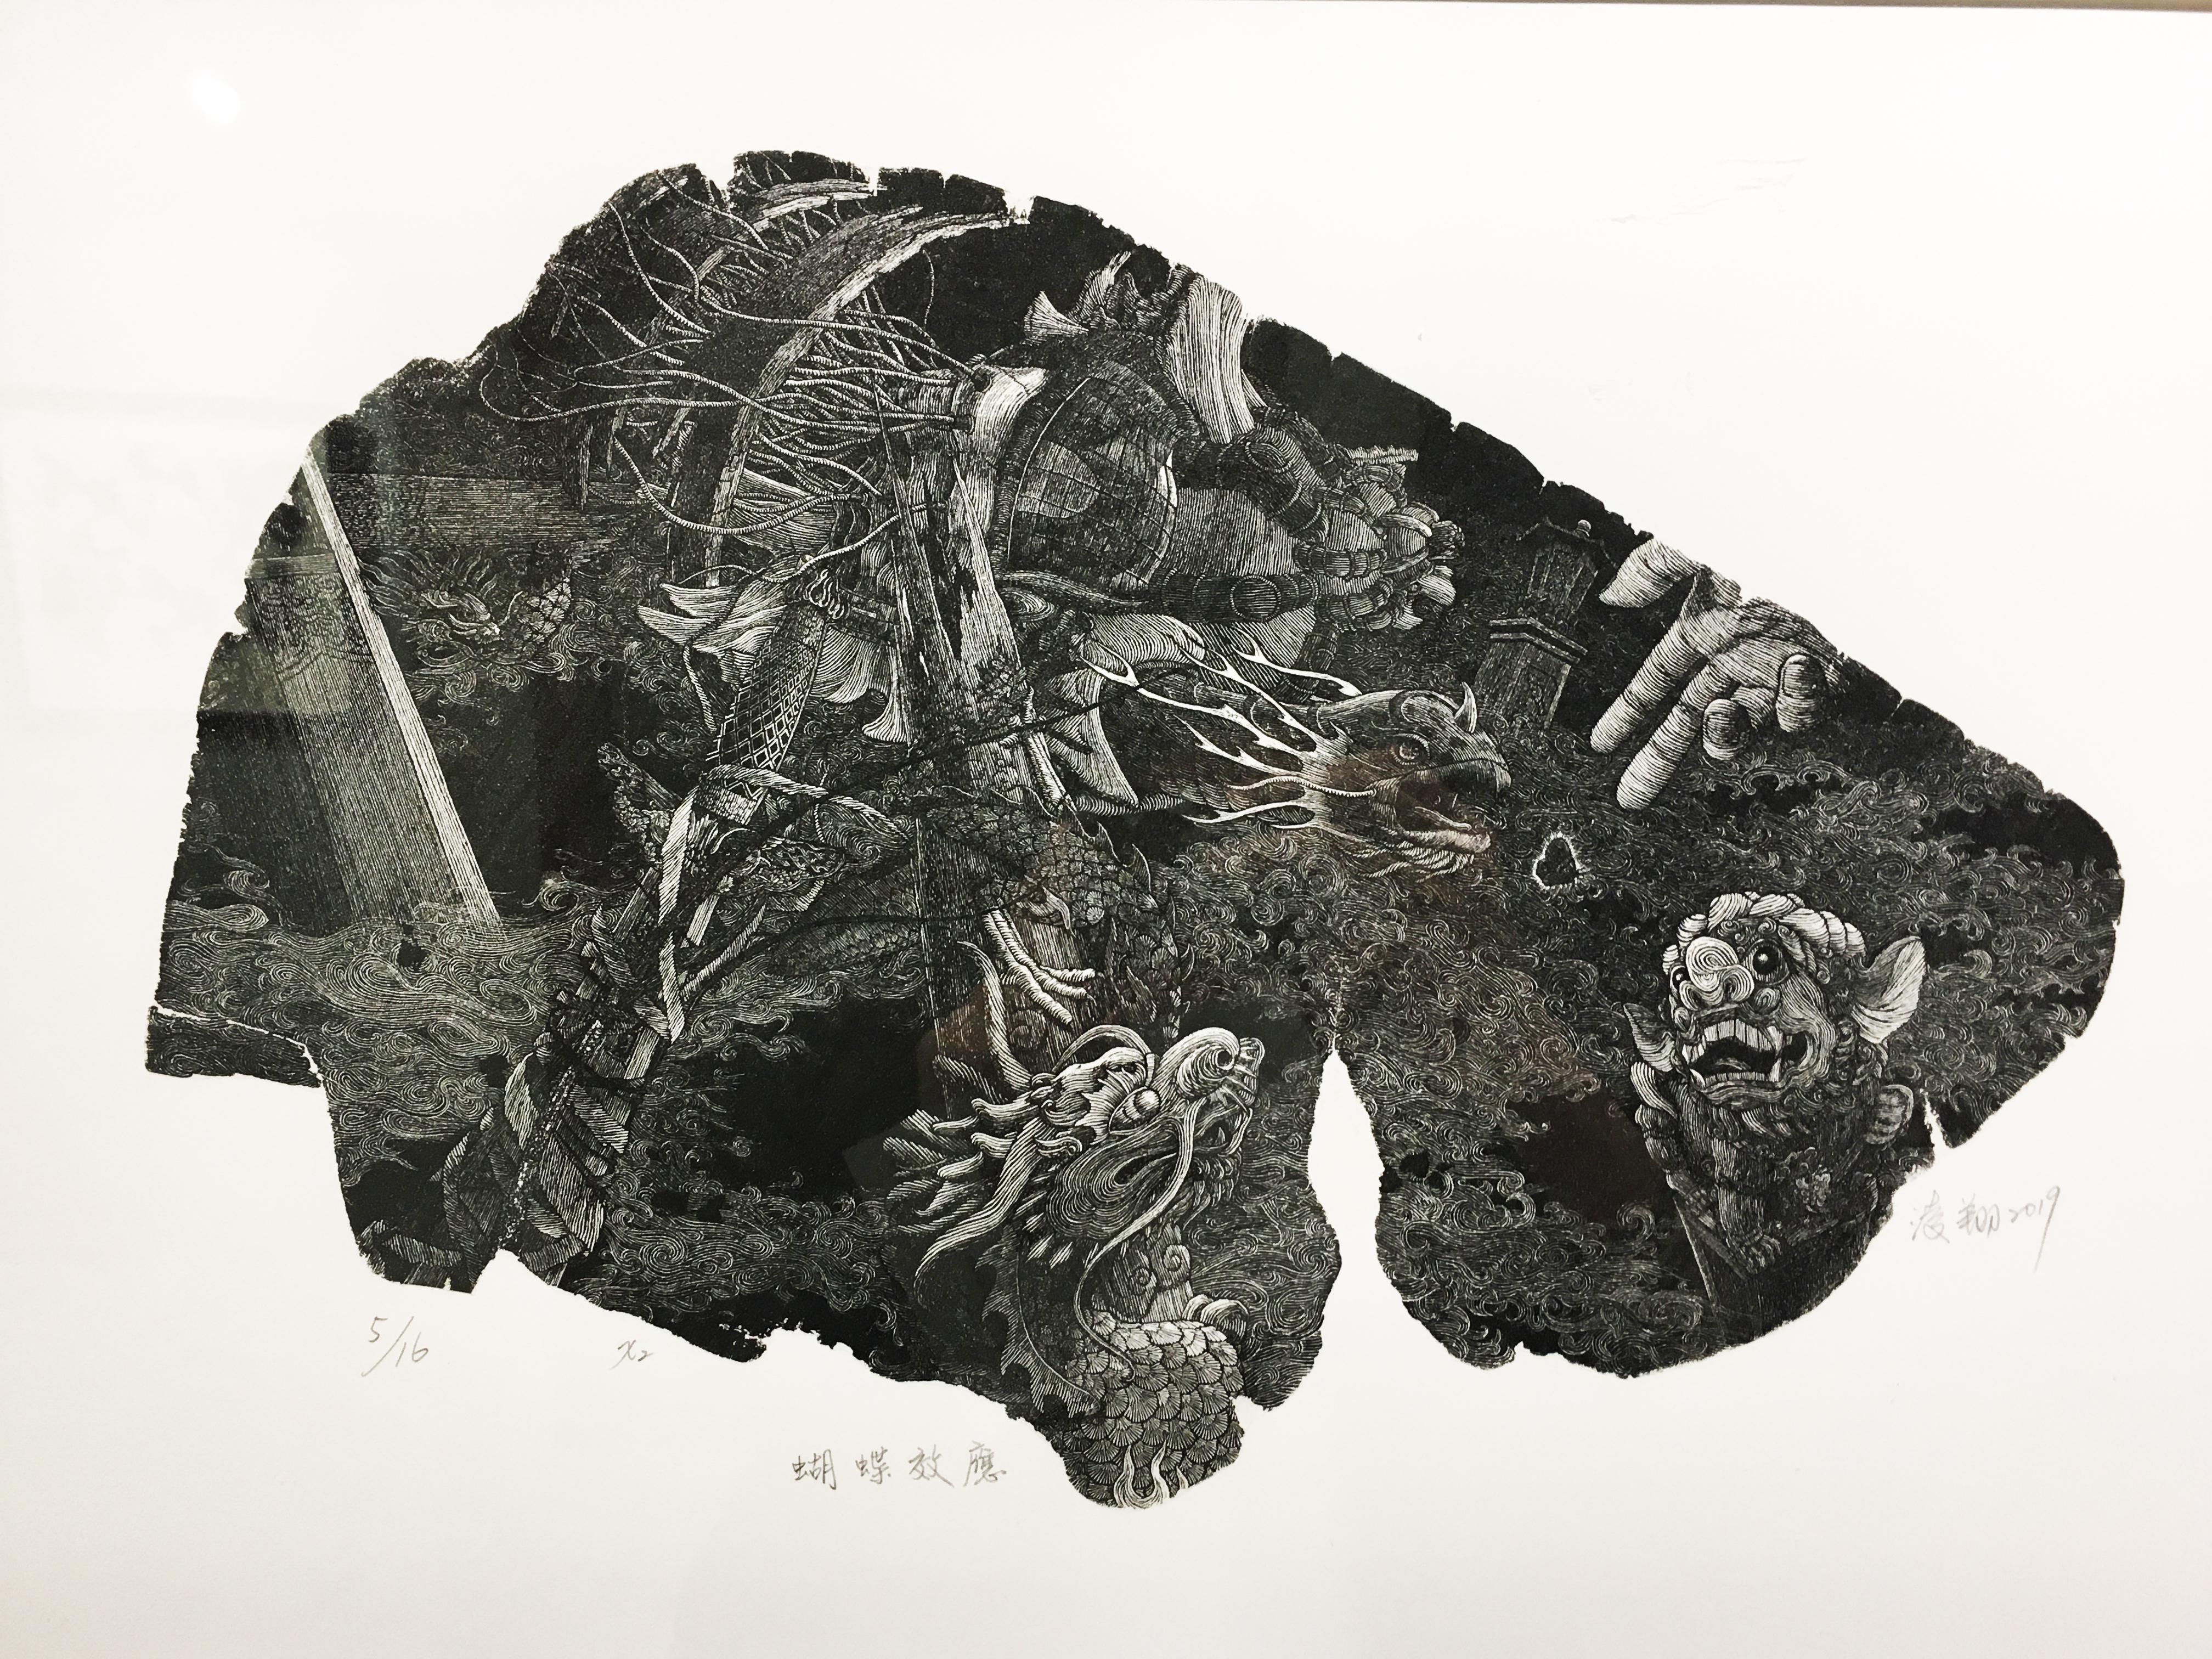 張凌翔,《蝴蝶效應》,32 X 44cm,版畫(木口木刻),2019。